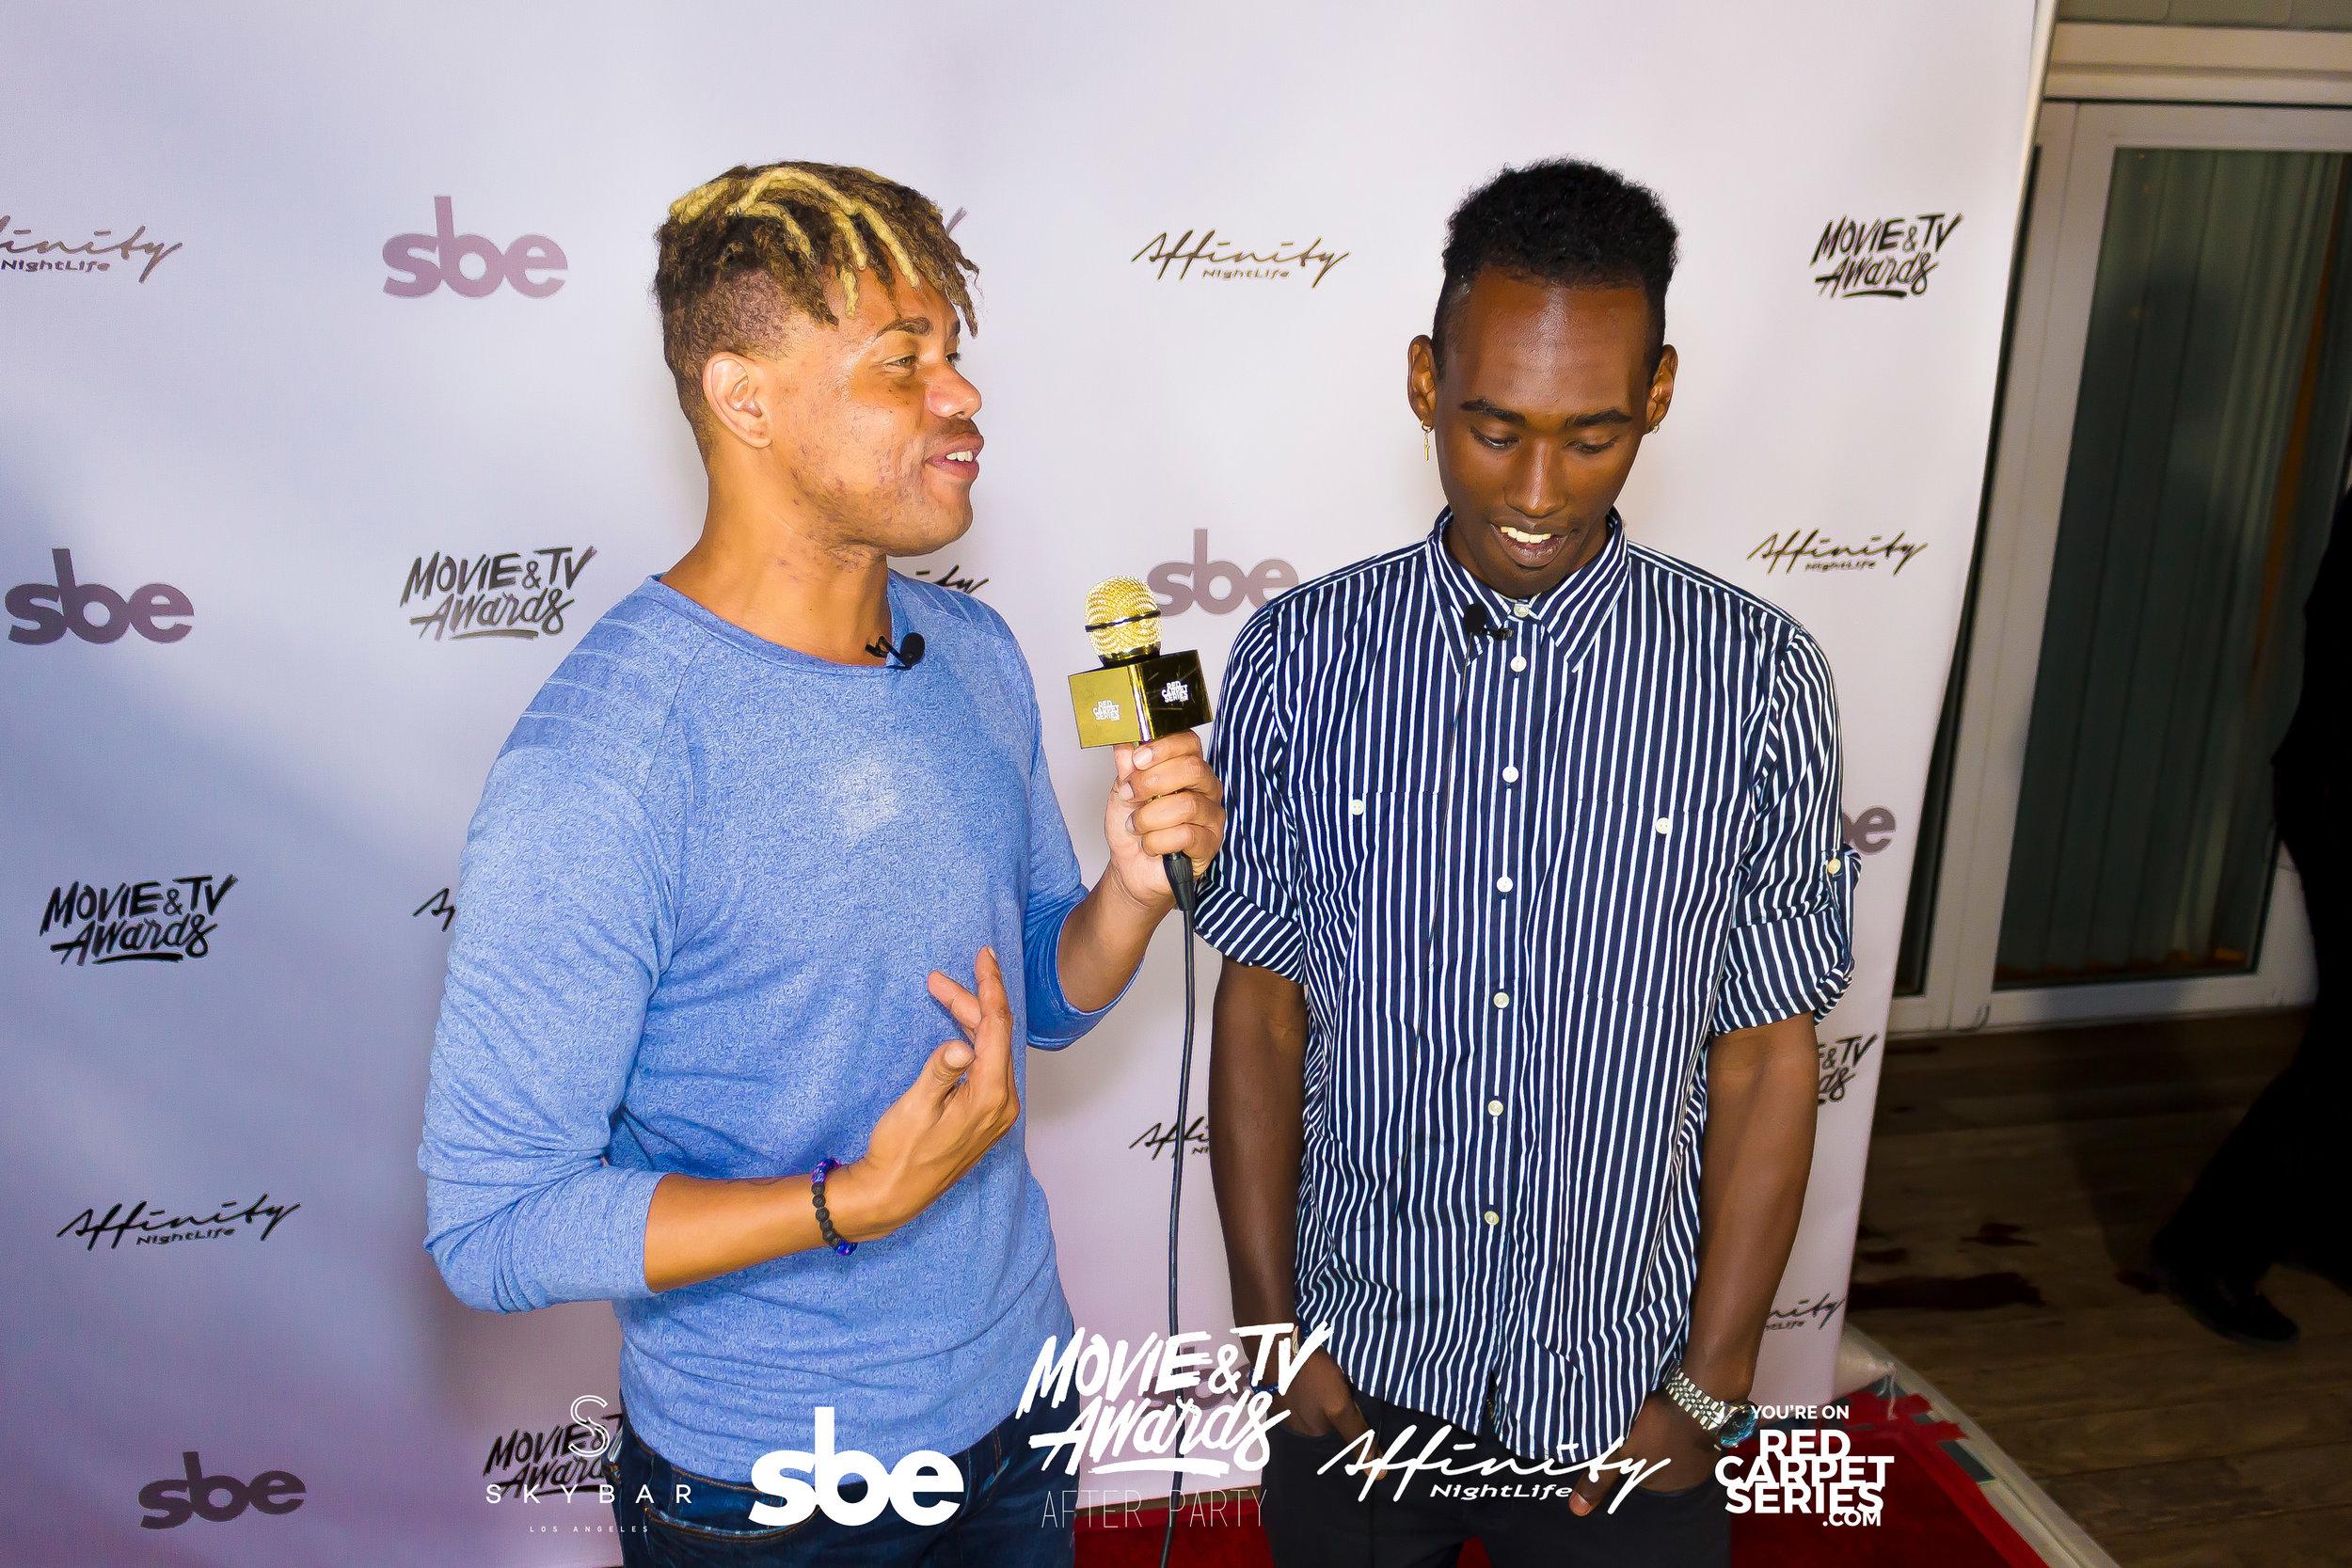 Affinity Nightlife MTV Movie & TV Awards After Party - Skybar at Mondrian - 06-15-19 - Vol. 1_125.jpg